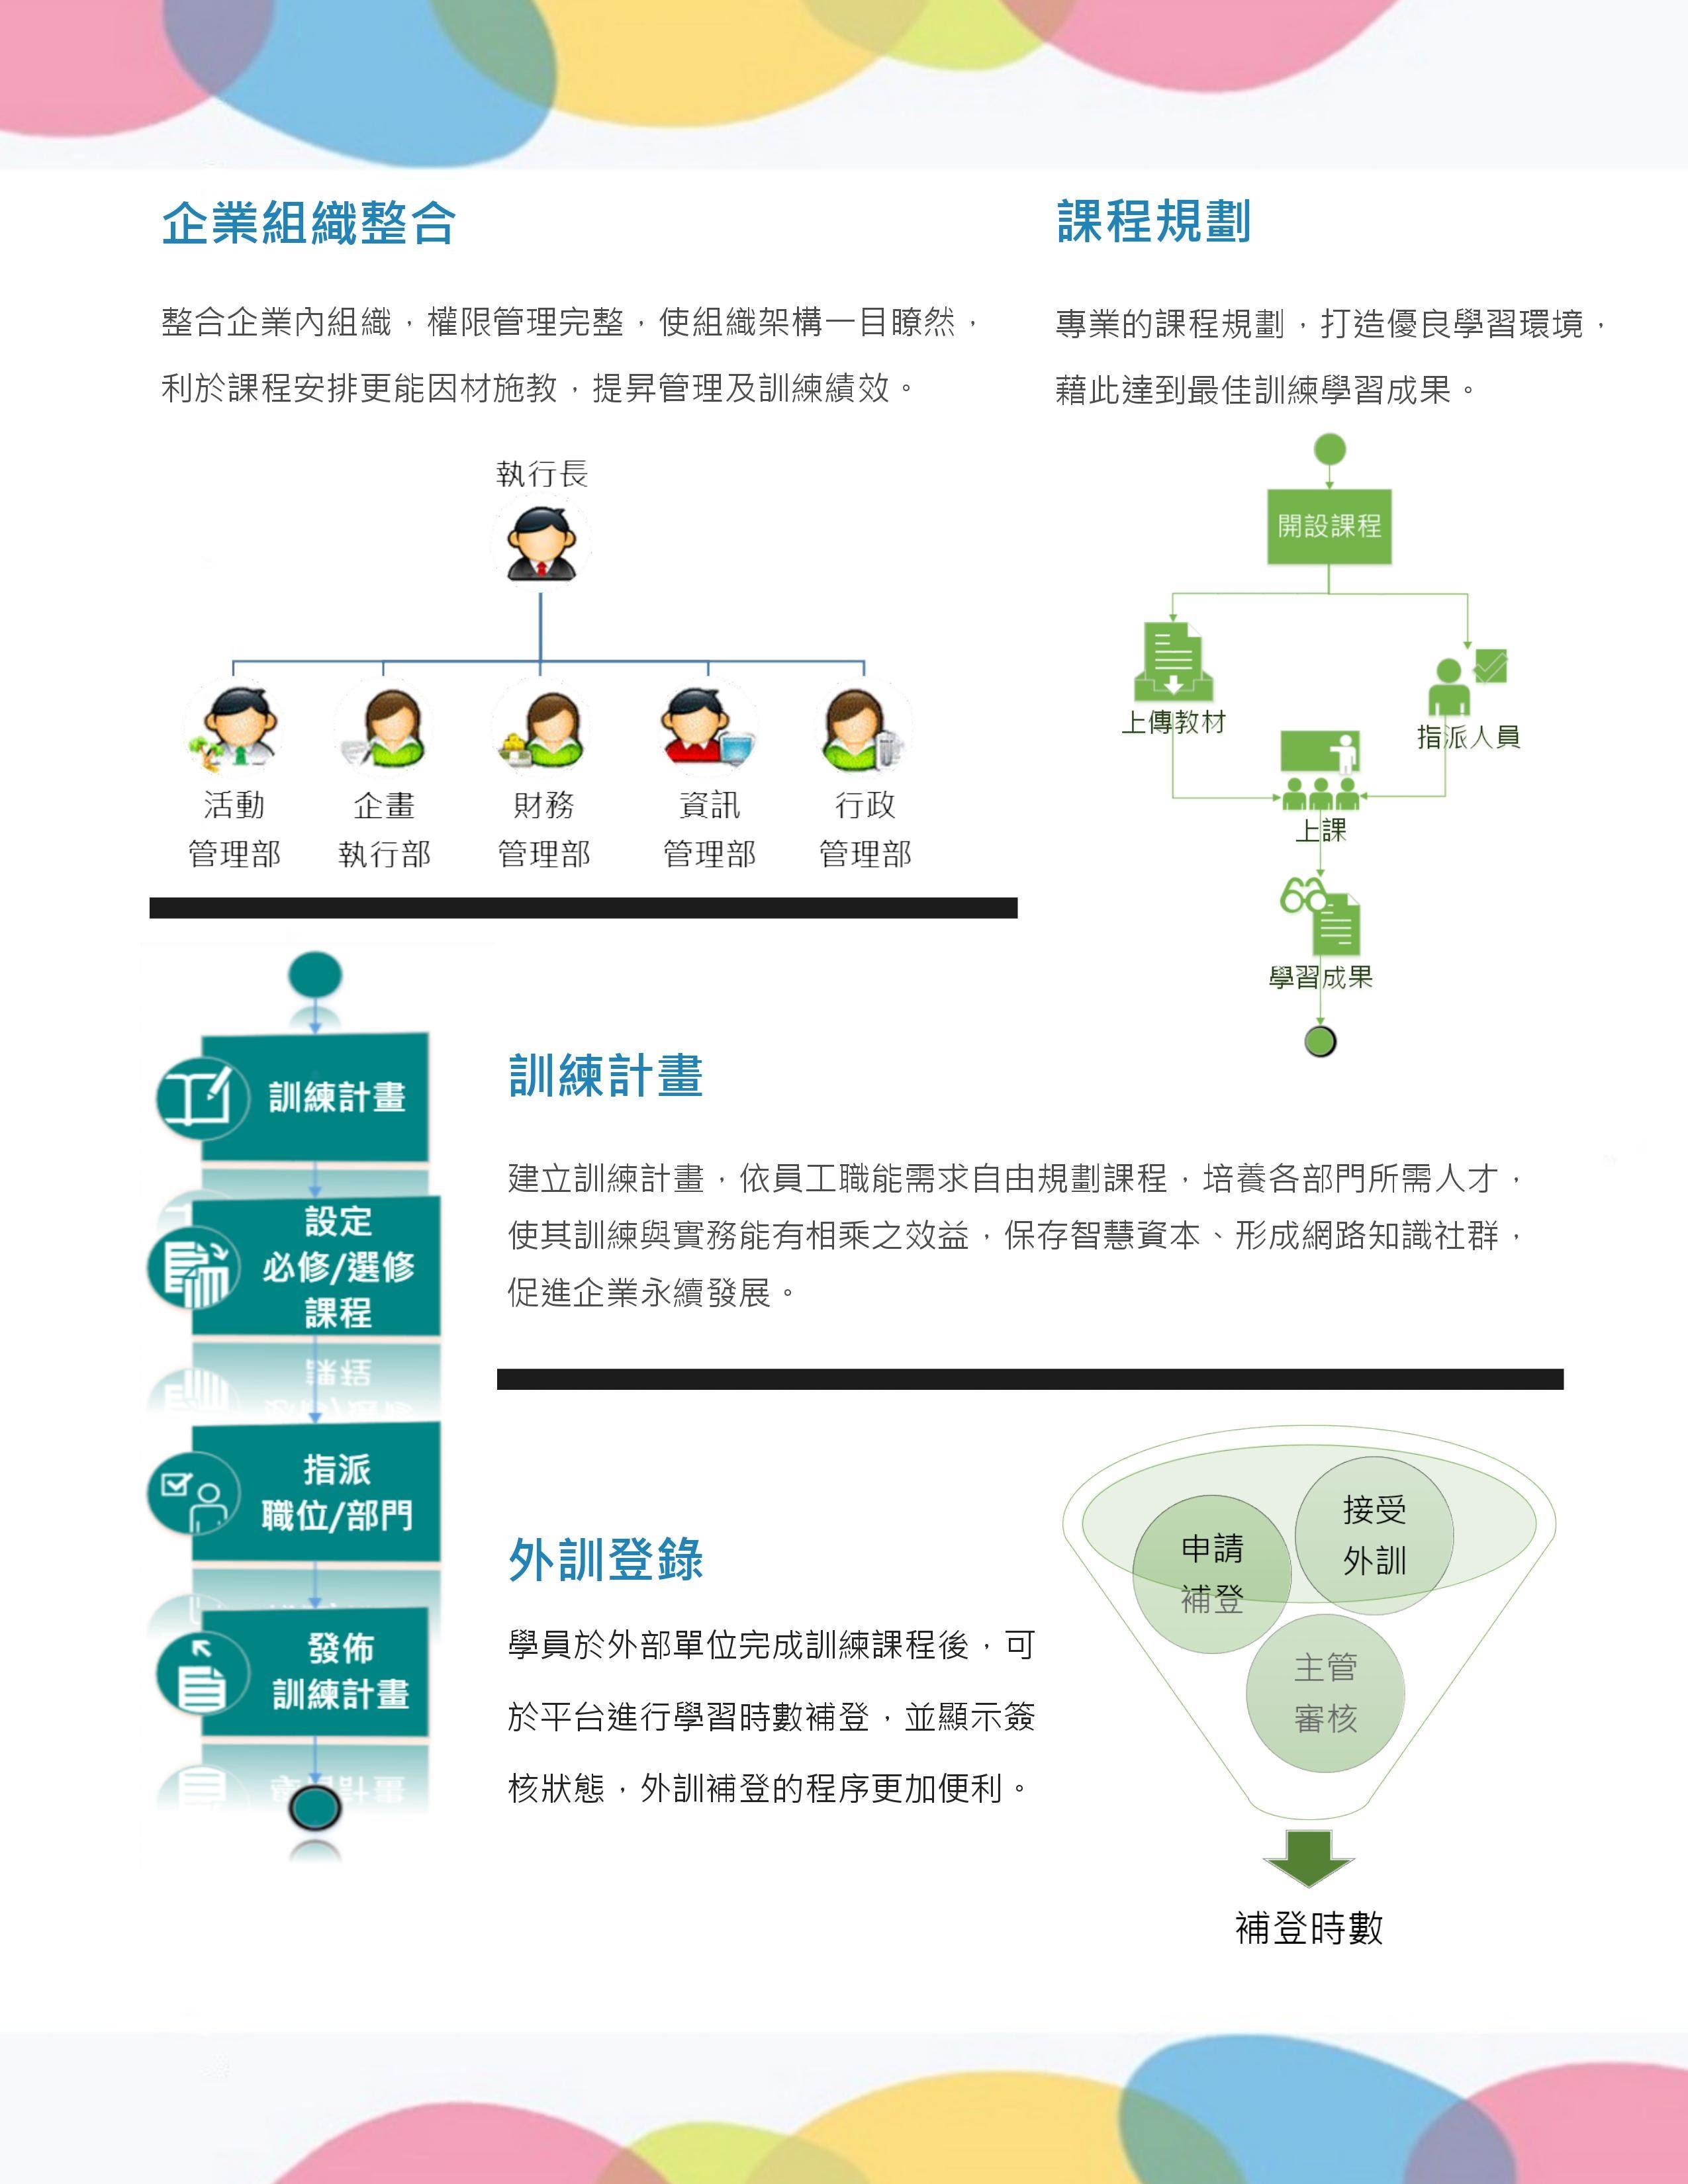 維聖-企業學習平台2